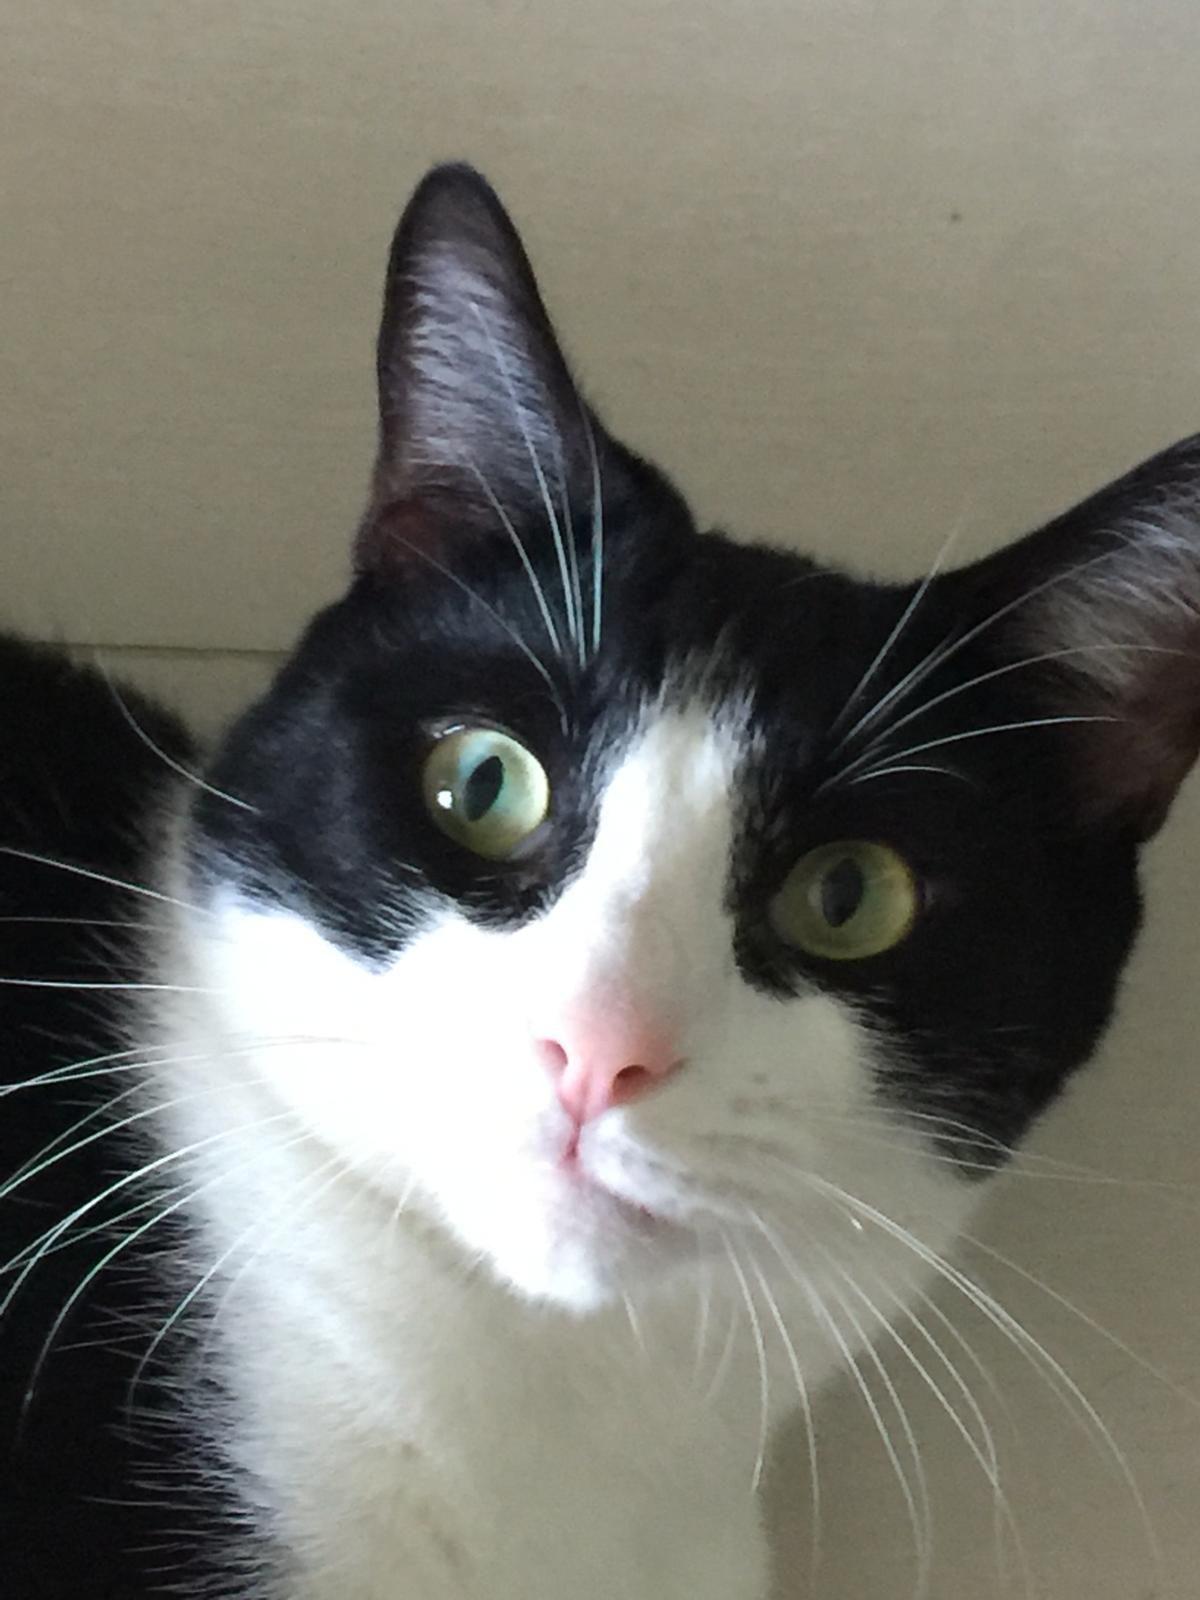 ᕈᏋɬɨɬᏕ ʄᏋℓɨŋᏕ (With images) Cute cats and kittens, Cute